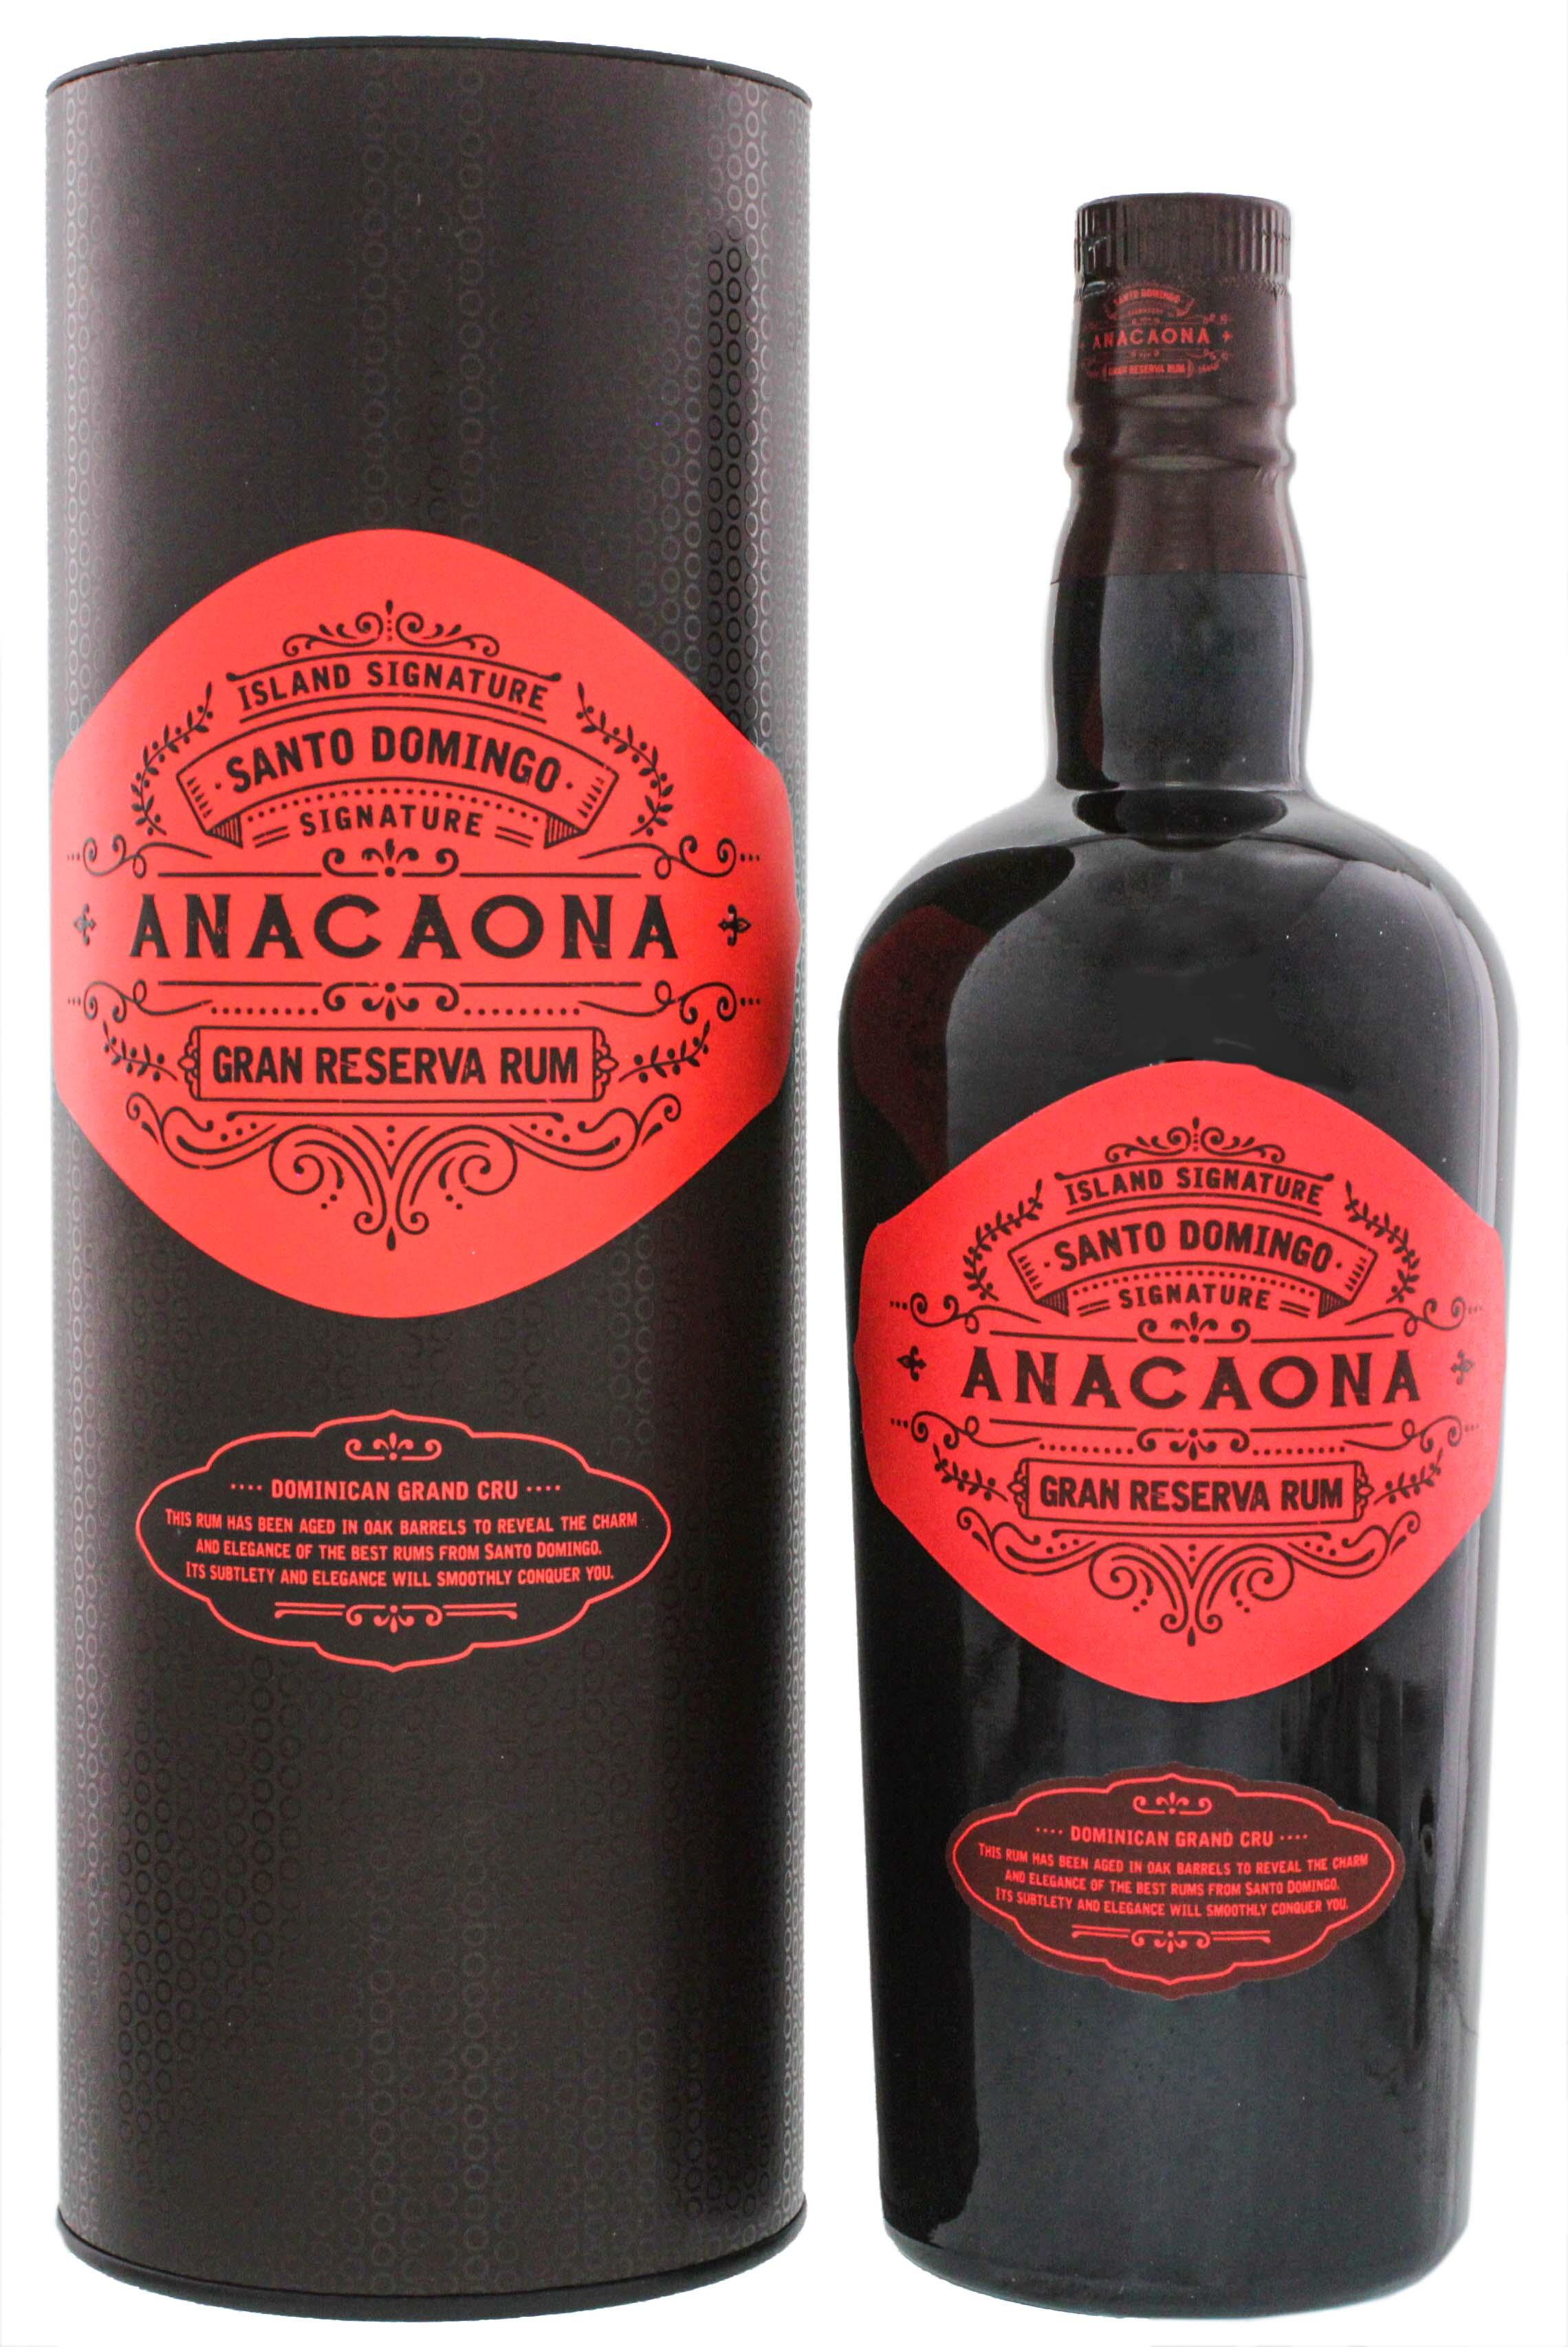 Island Signature Collection Anacaona Santo Domingo Gran Reserva Rum 0,7L